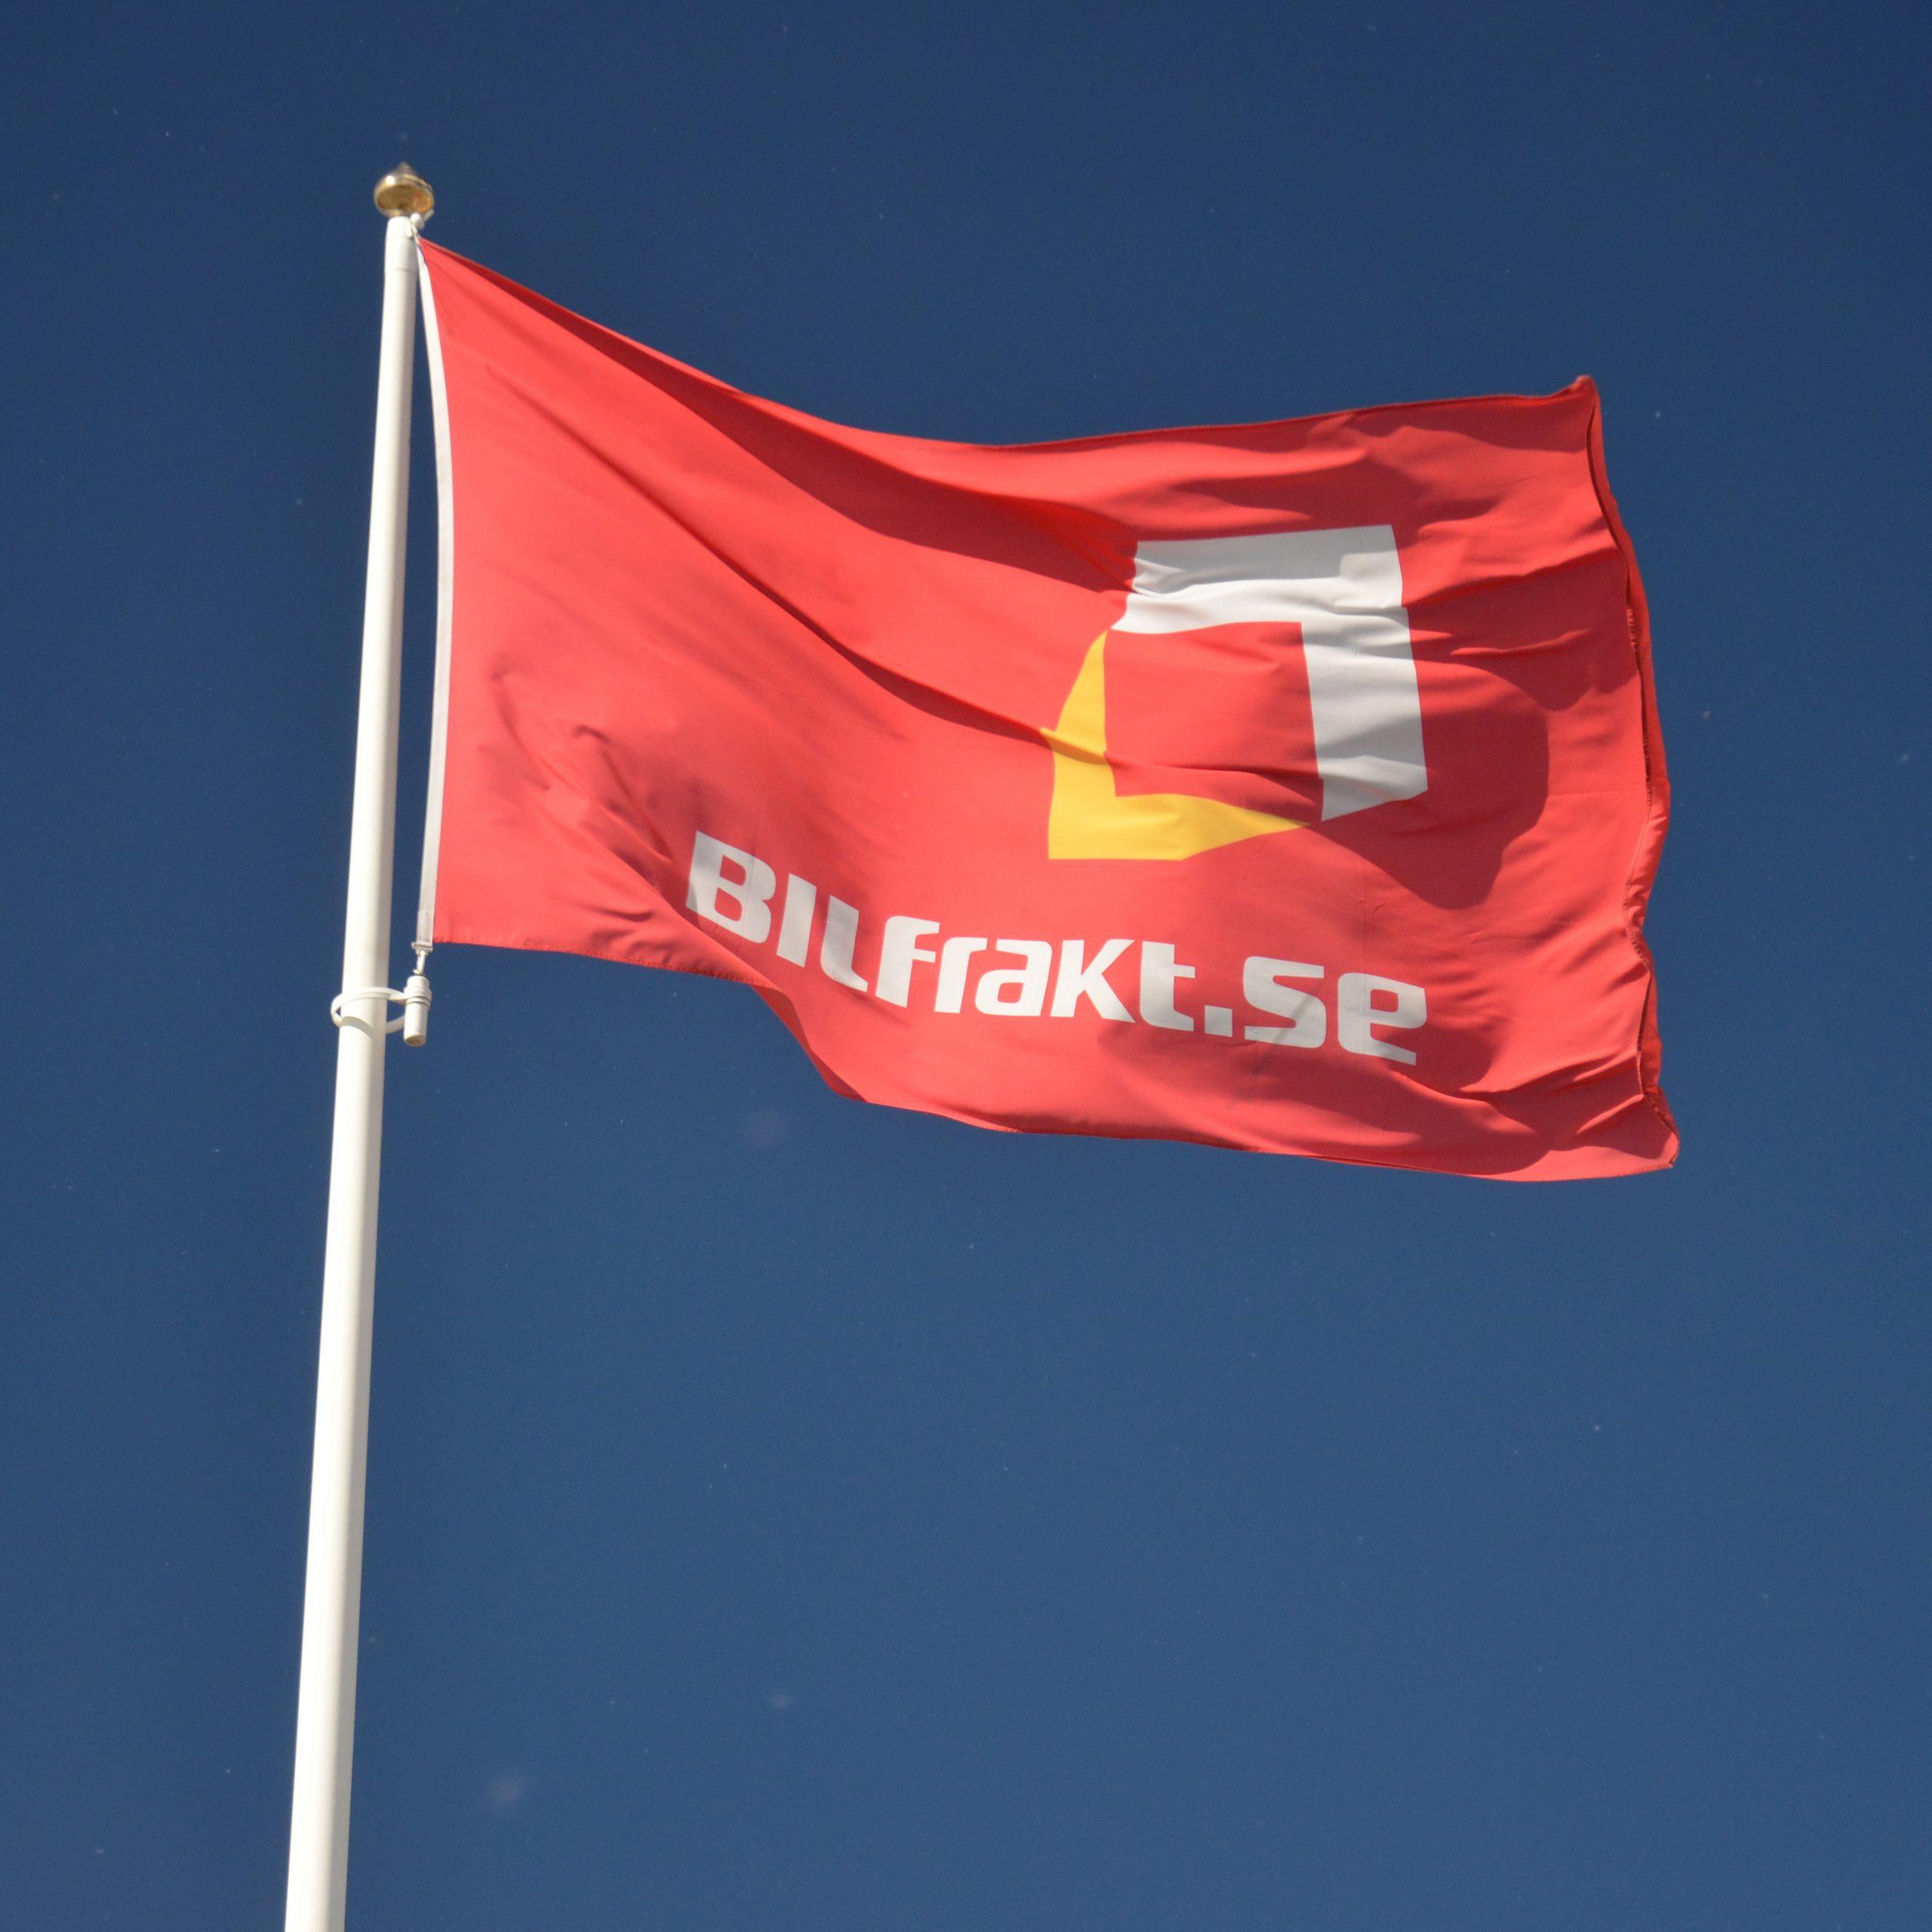 Just nu söker vi en ny ekonomiassistent till vårt kontor i Umeå